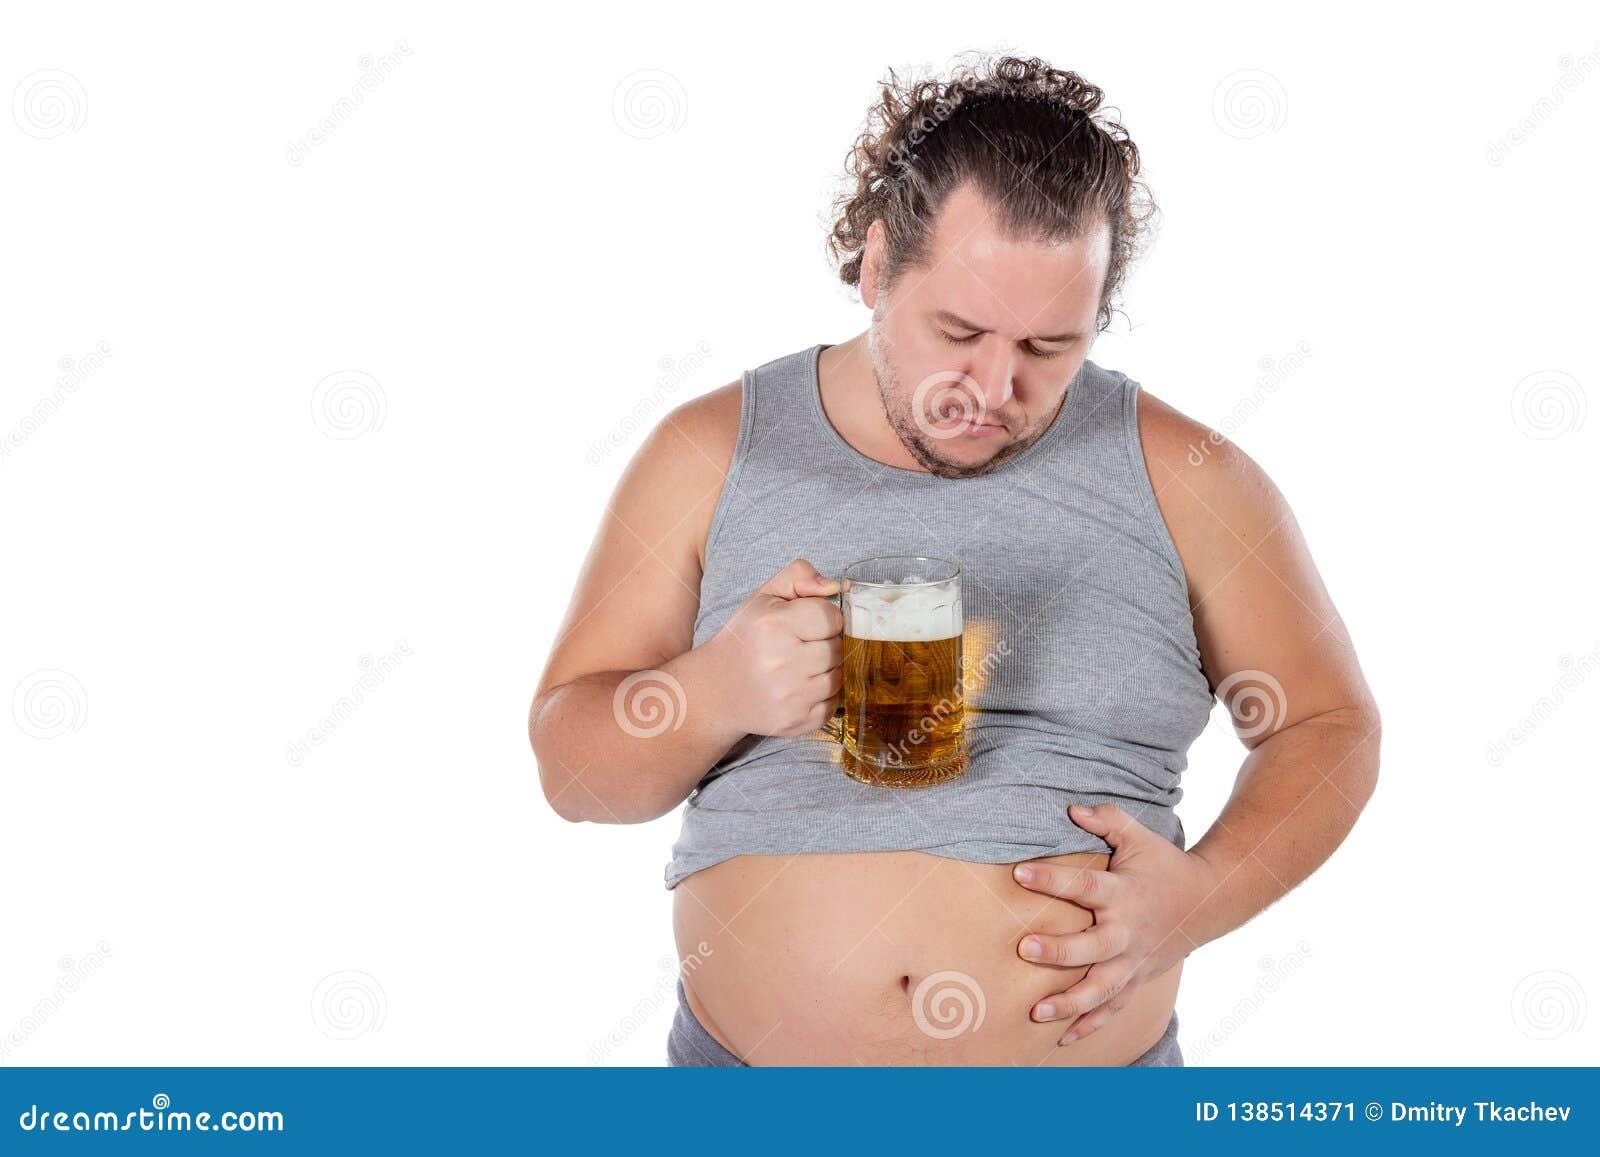 Αστείο παχύ συναίσθημα ατόμων ευτυχές και που χαλαρώνουν, φρέσκια κρύα μπύρα εκμετάλλευσης στα χέρια του στο άσπρο υπόβαθρο